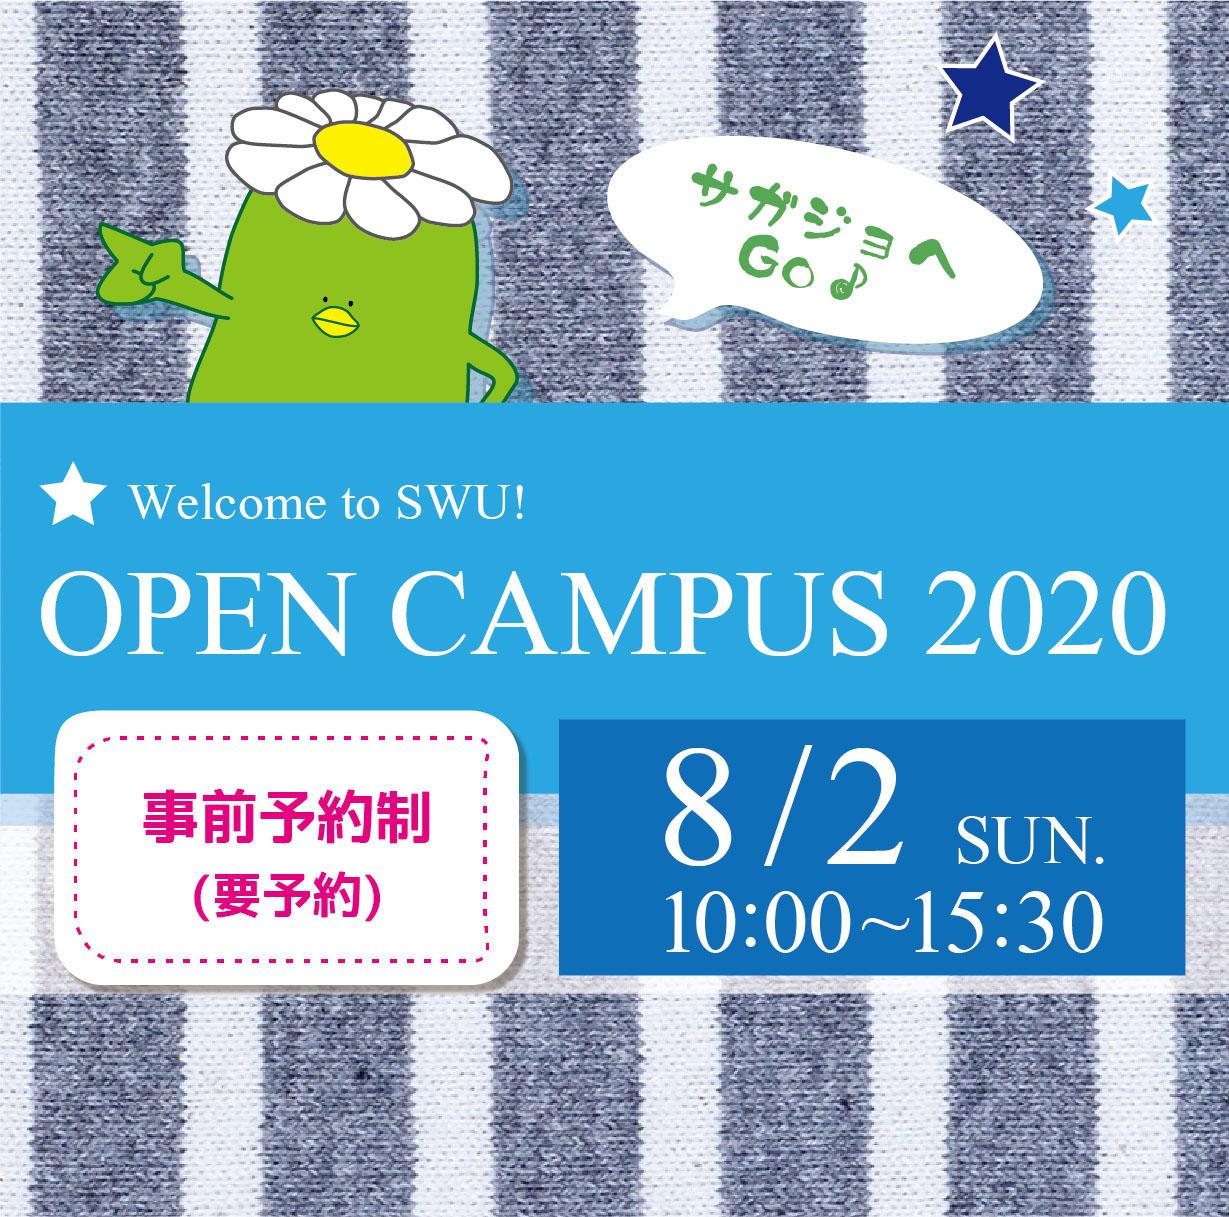 【相模女子大学・相模女子大学短期大学部】8月2日(日)に来場型のオープンキャンパスを開催! ~ 一部のプログラムはオンラインでも同時開催します ~